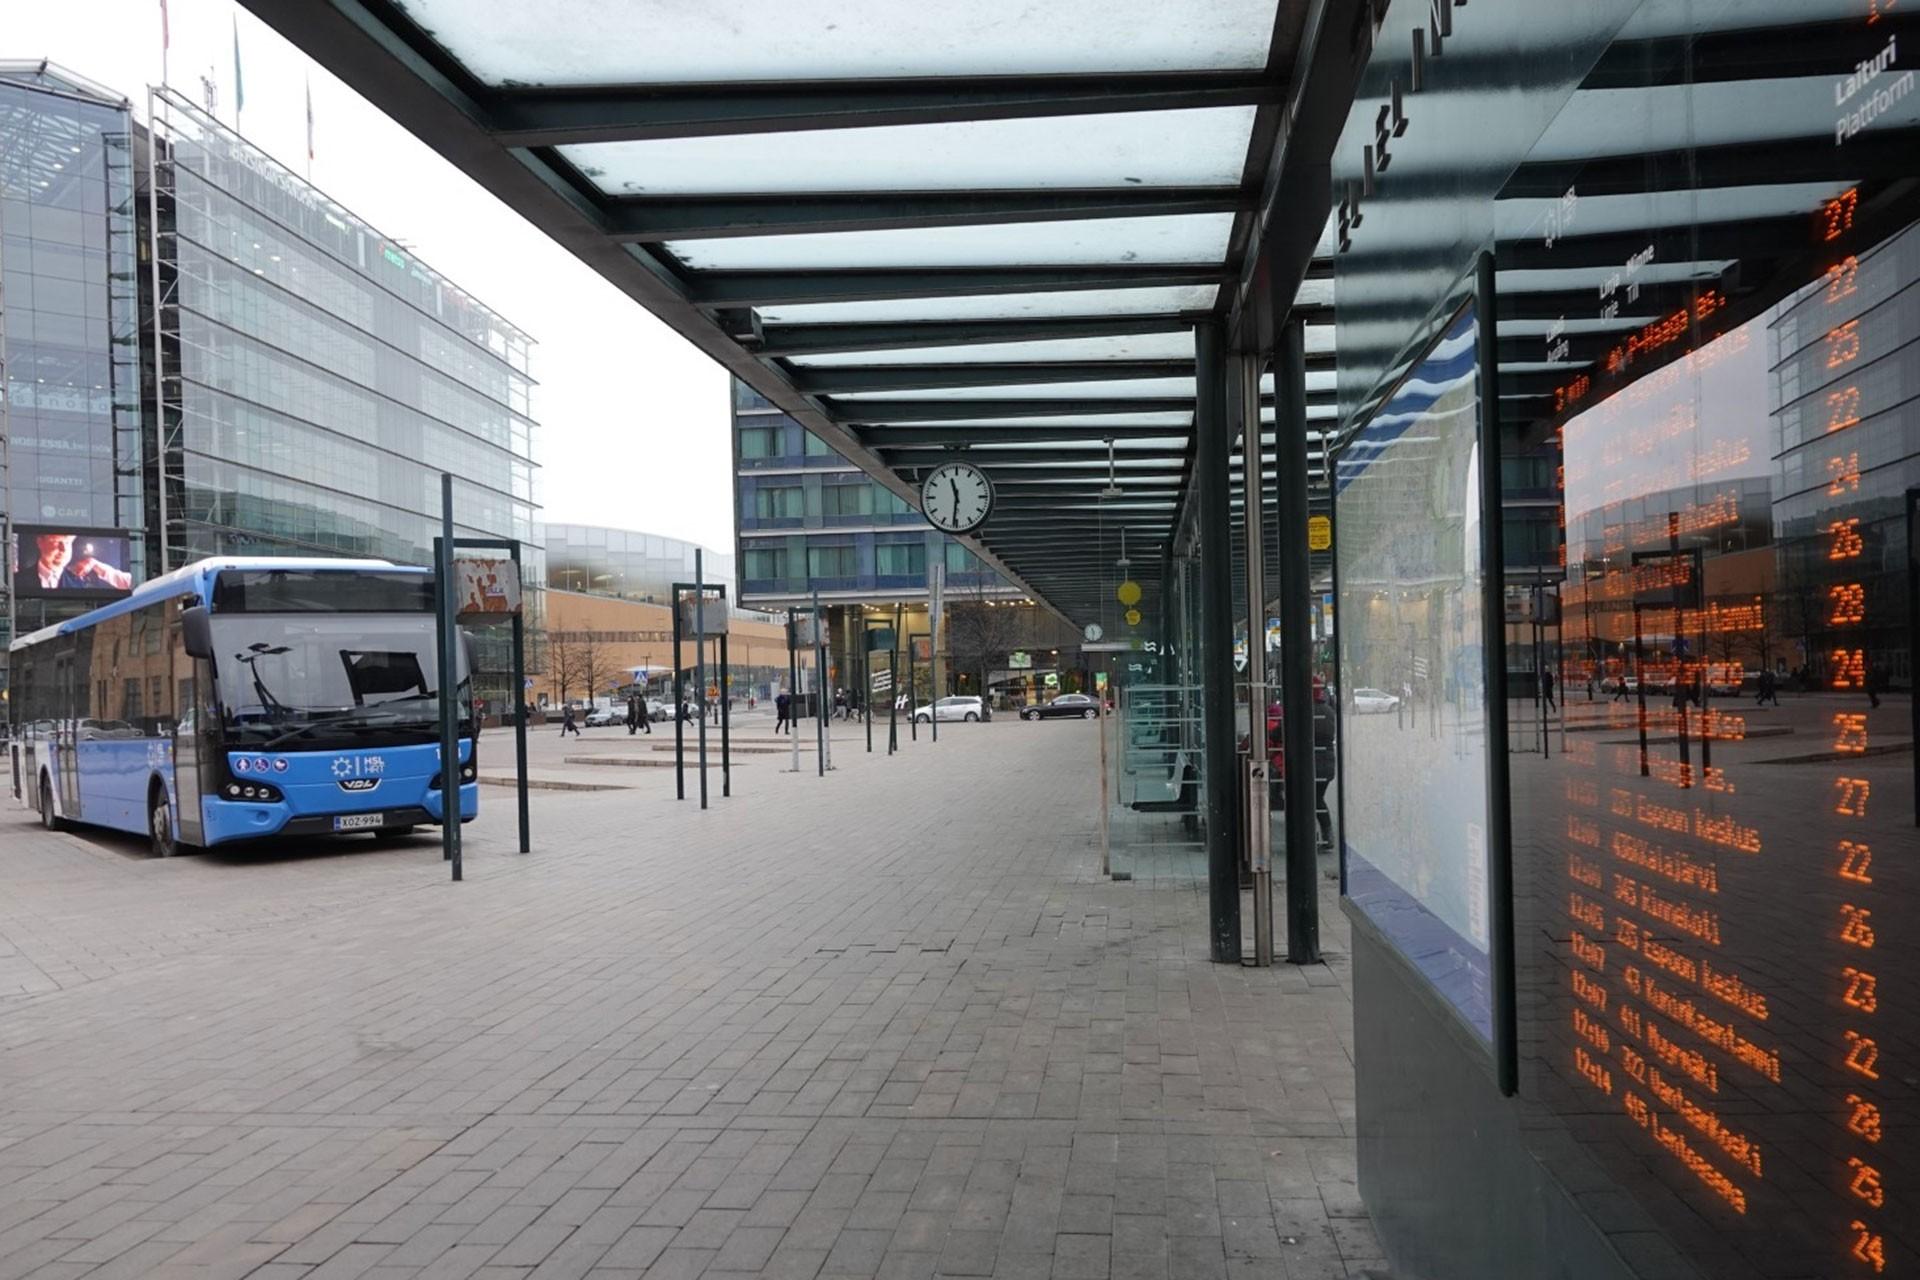 Finlandiya'da grev nedeniyle otobüs hatlarının çoğu çalışmadı.